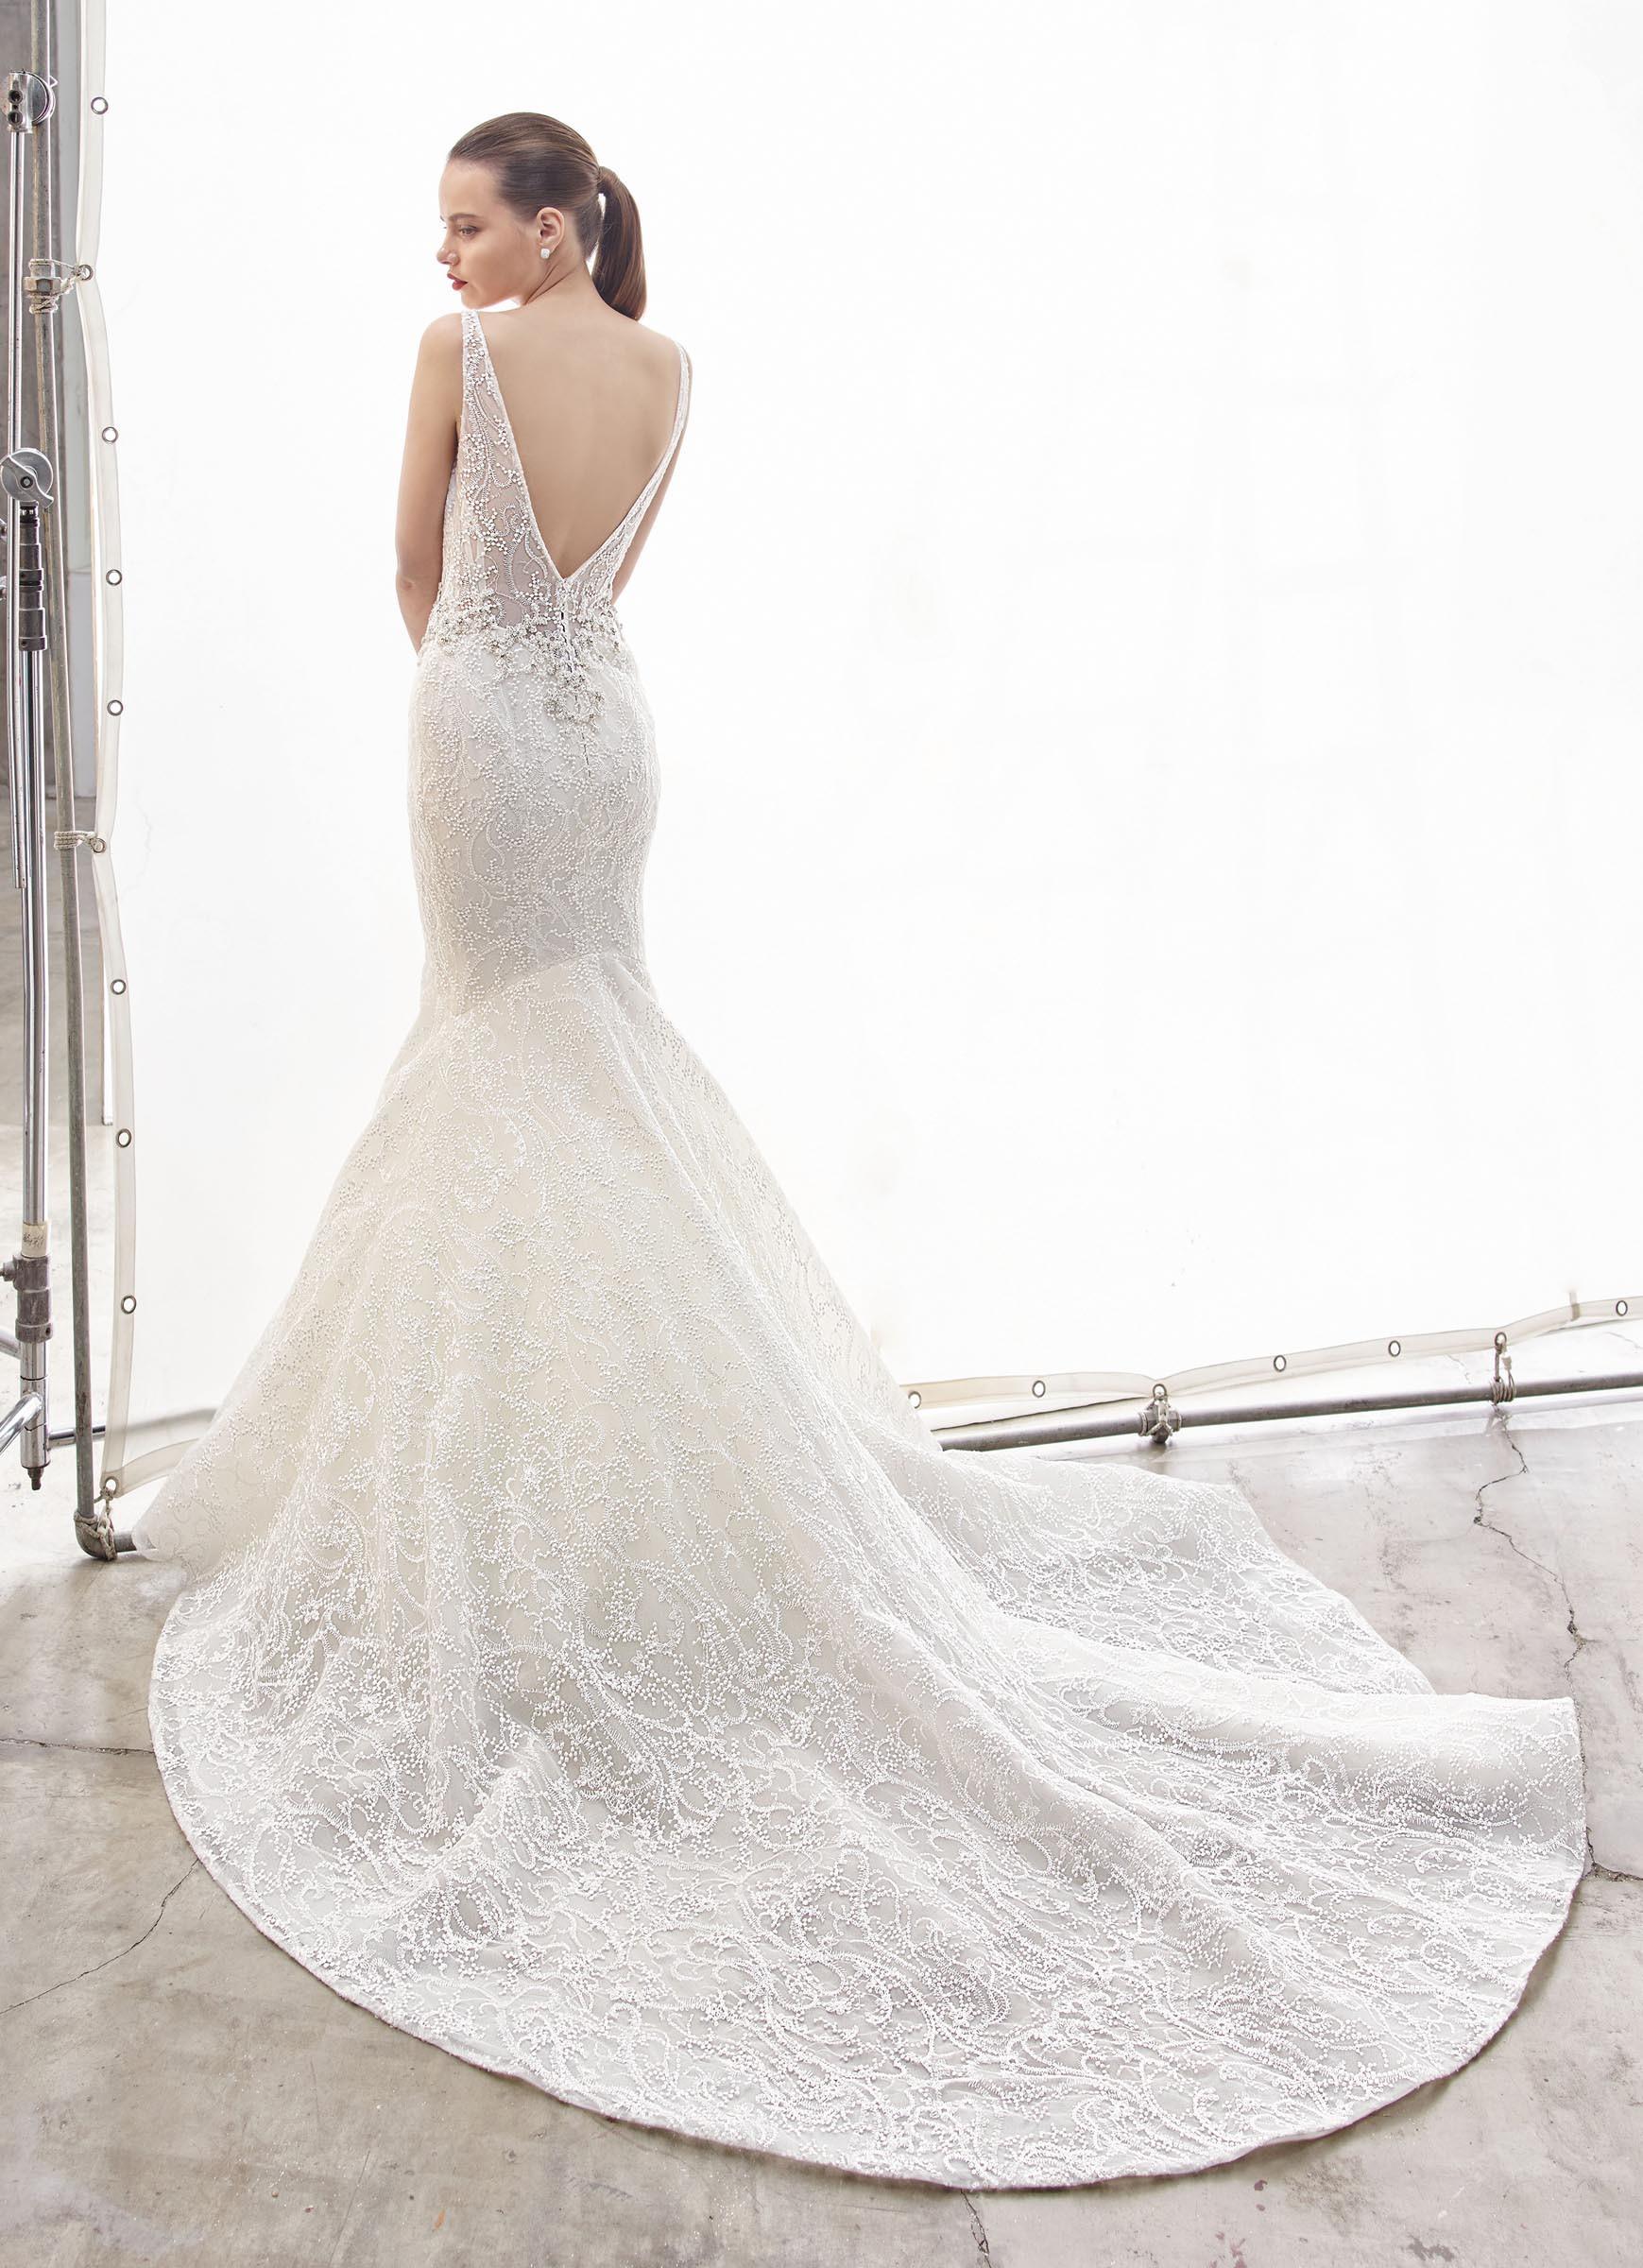 Weißes Brautkleid im Fit-and-Flare-Schnitt mit Spitze, transparentem Top, tiefem V--Ausschnitt, Strassdekoration und Schleppe von Enzoani, Modell North, Rückansicht